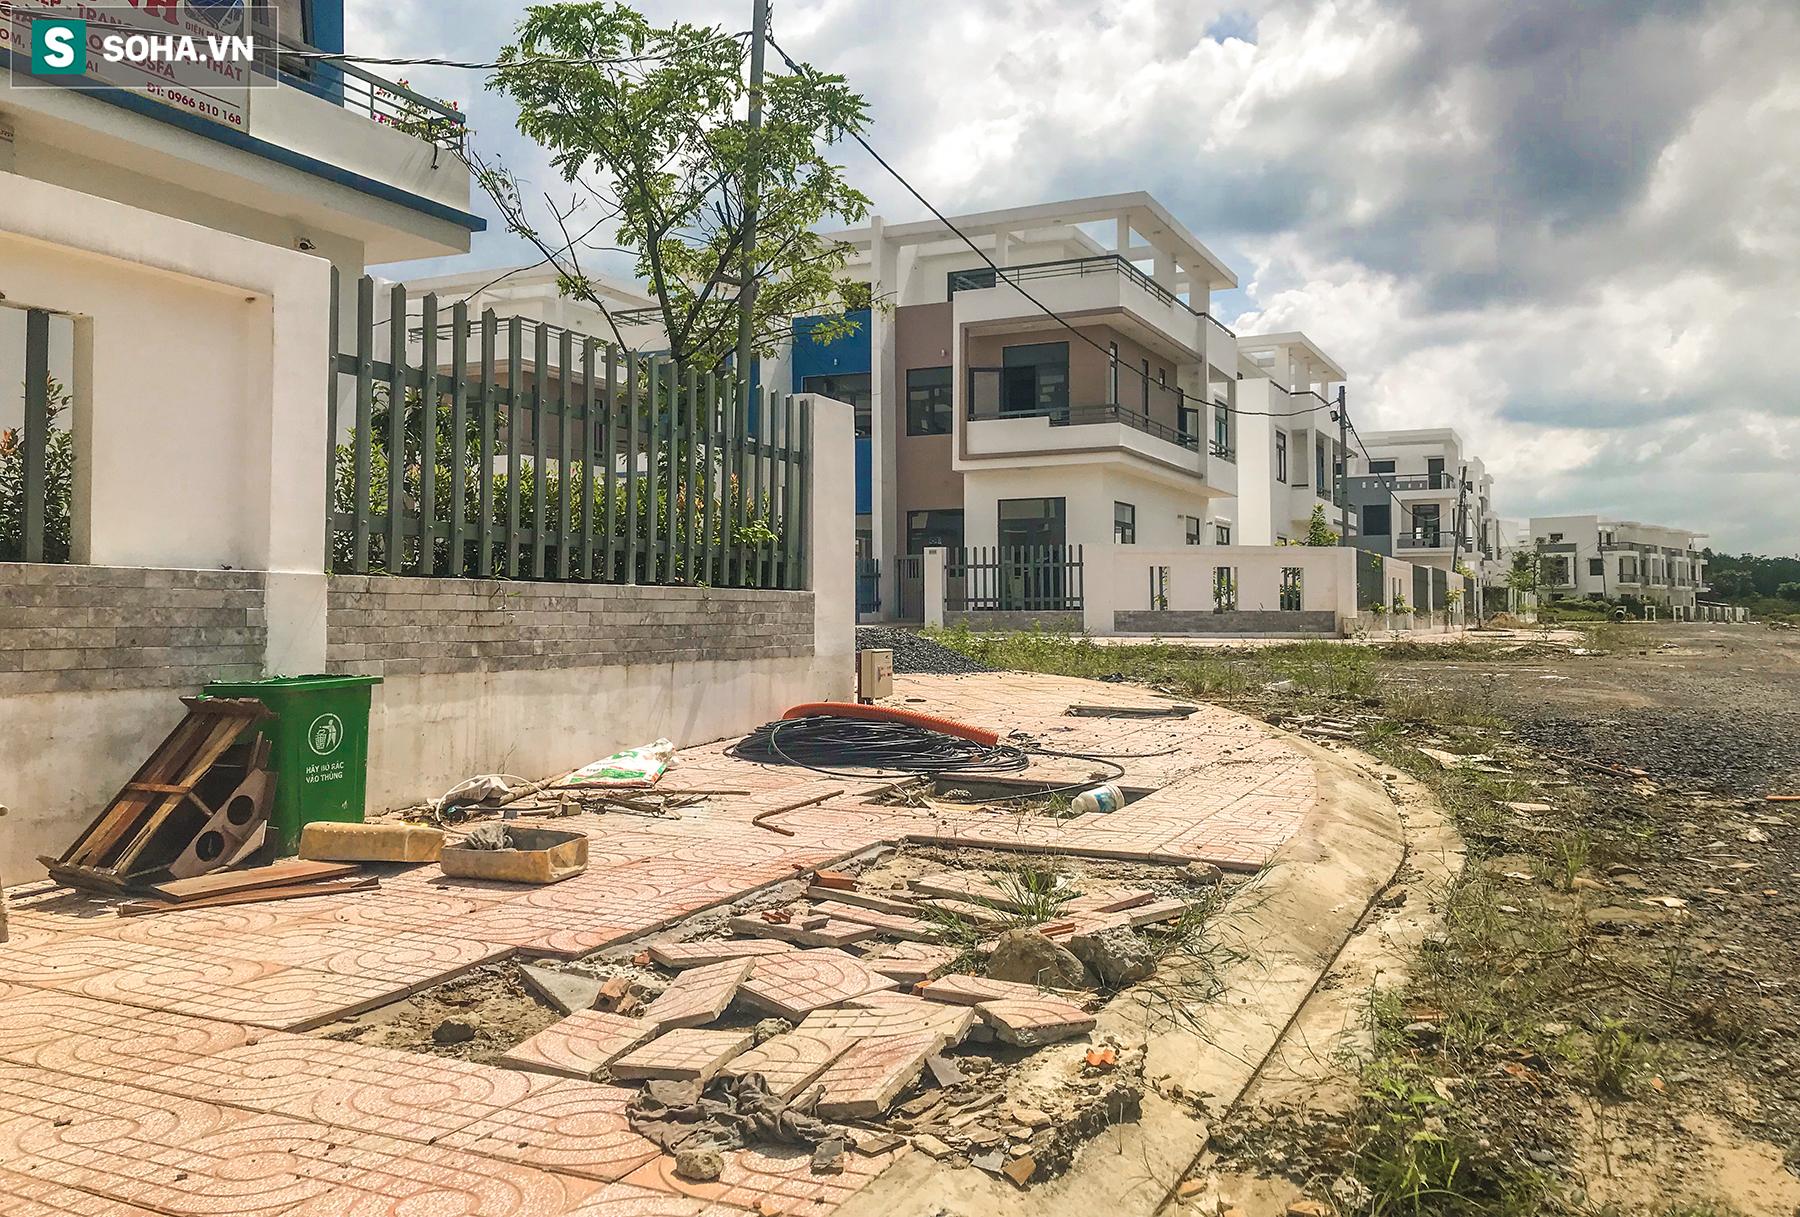 [Ảnh] Cận cảnh dự án với gần 700 căn nhà trái phép, được quảng cáo là đô thị thông minh đầu tiên tại Việt Nam - Ảnh 12.